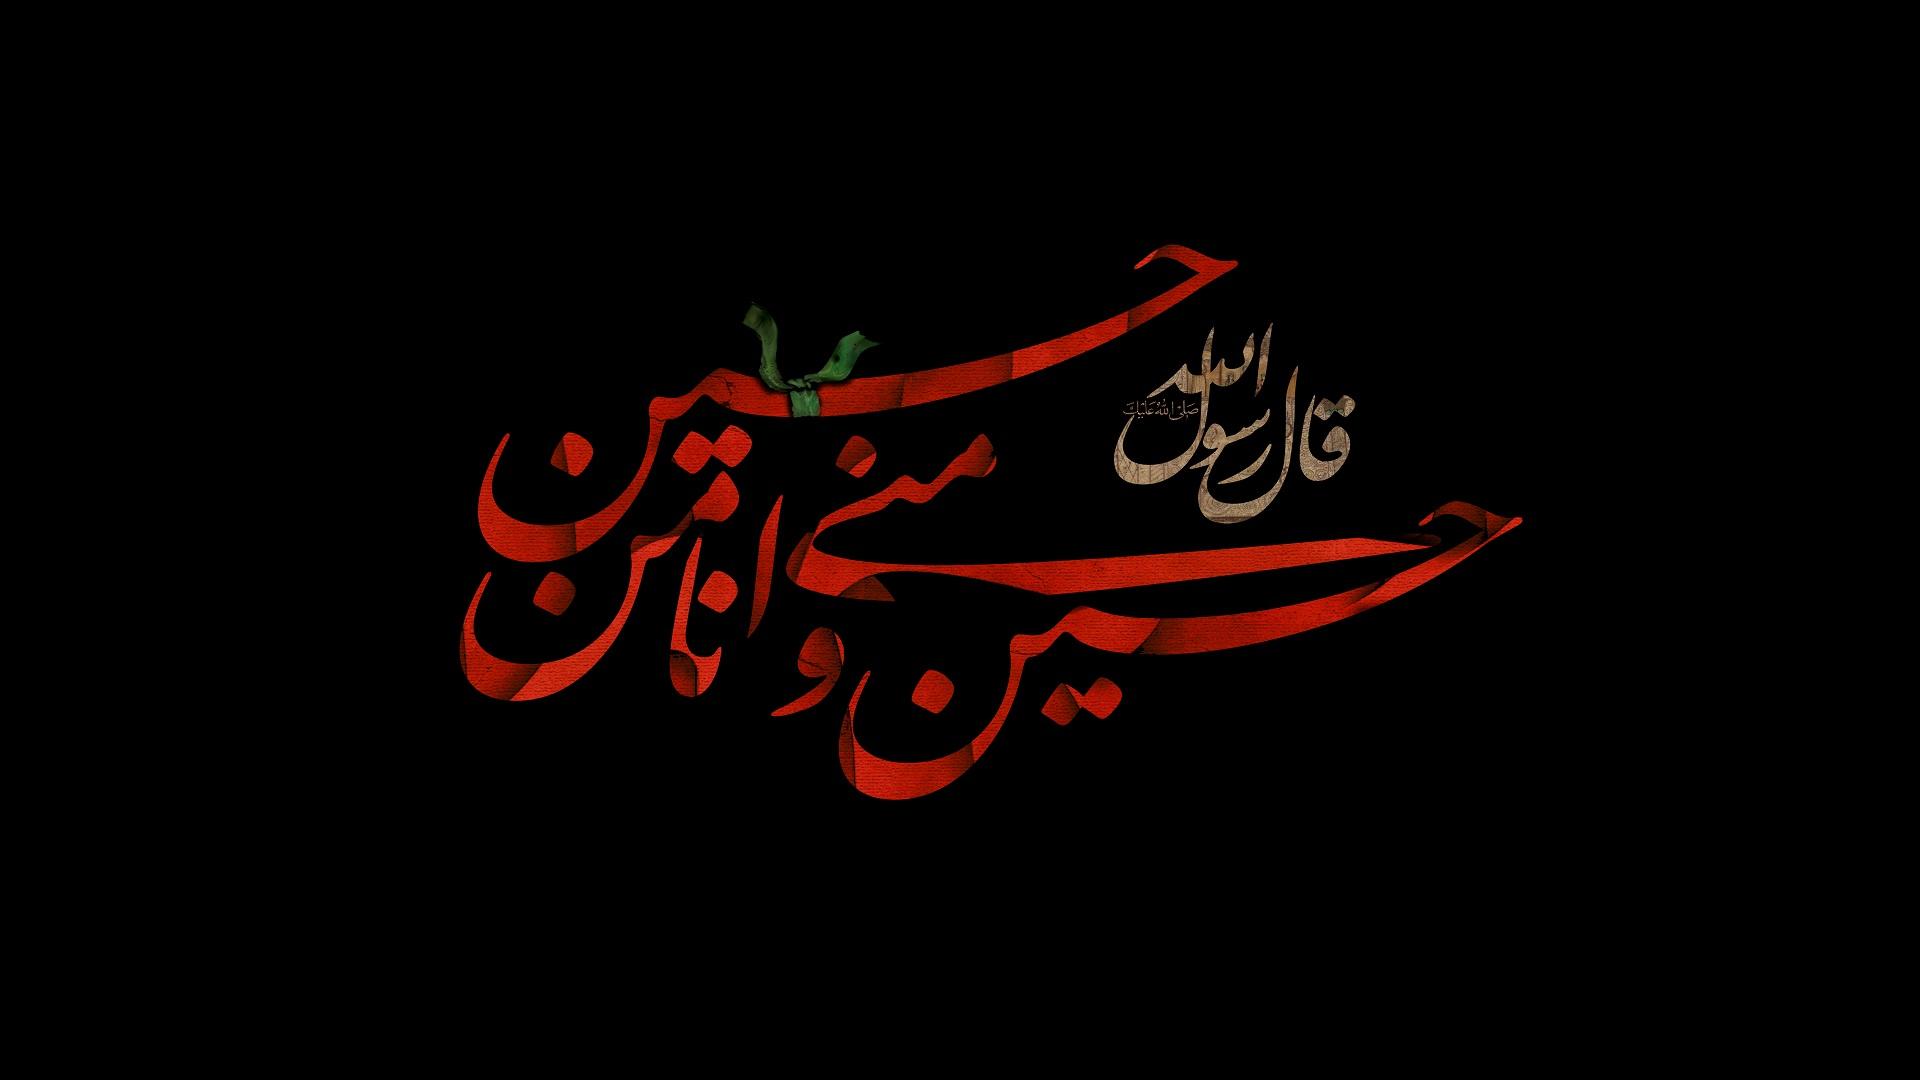 Quots In Urdu Wallpaper The Prophet S Love For Hasan And Husain Ilmfeed